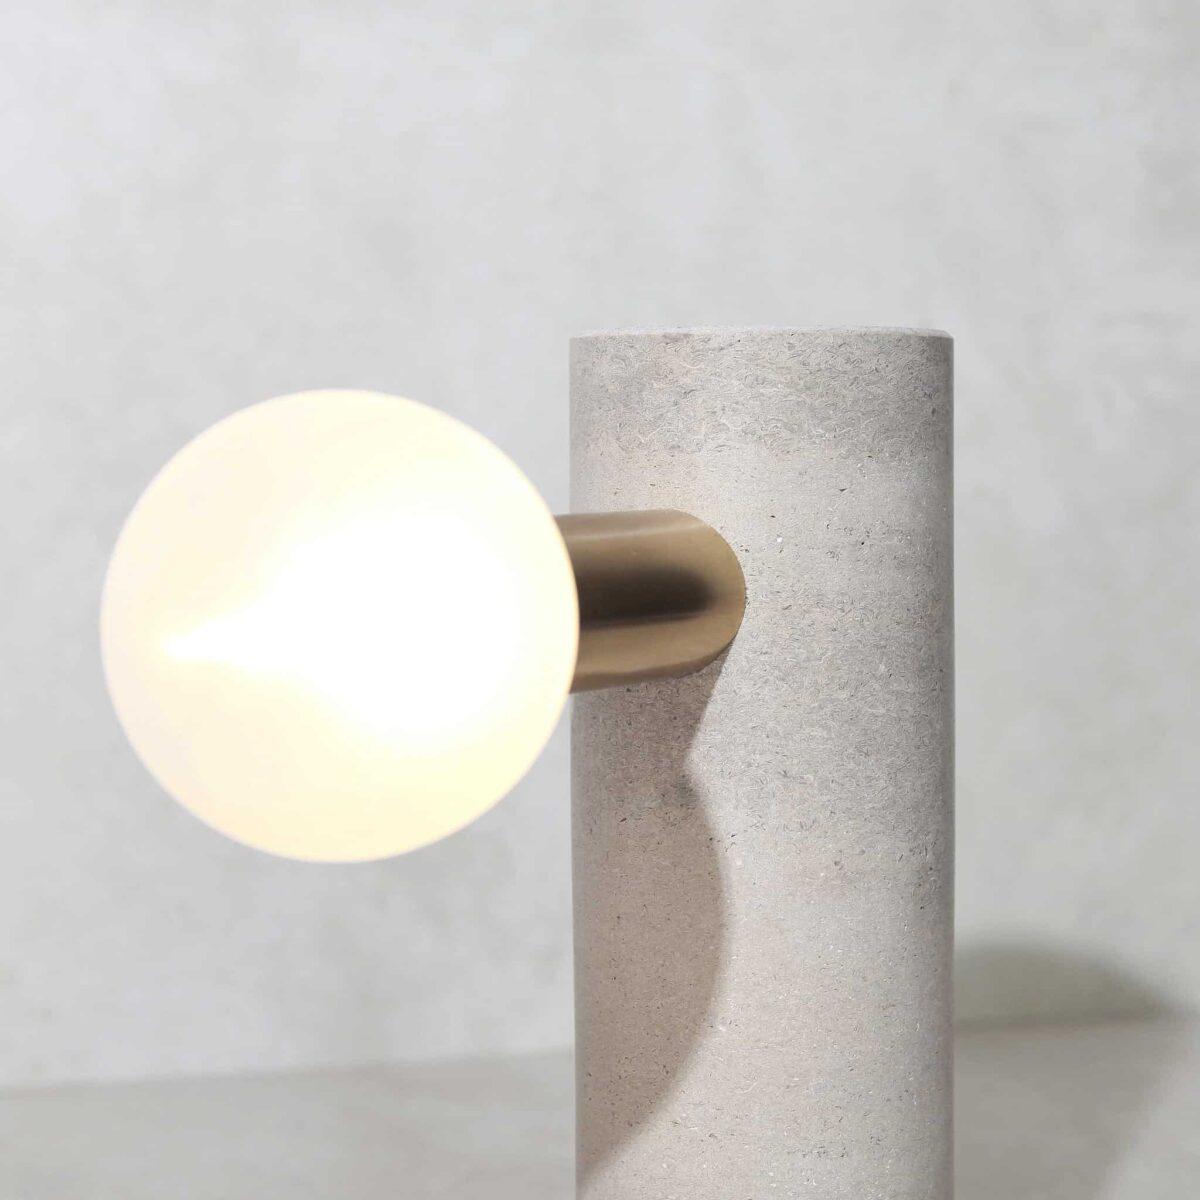 jurassic-light-117-004